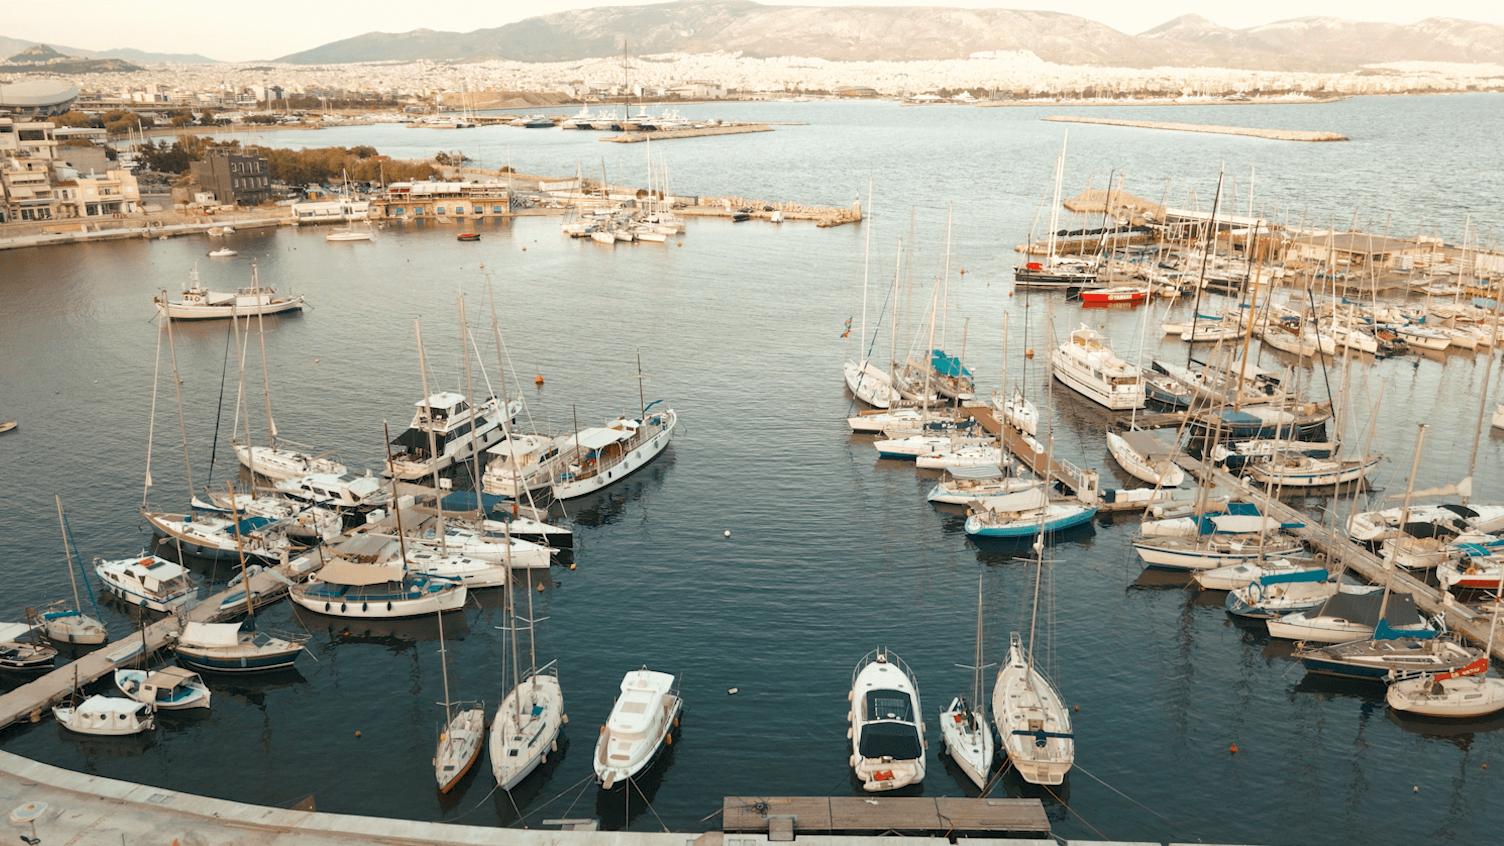 Βαρούλκο Seaside - εικόνα 3